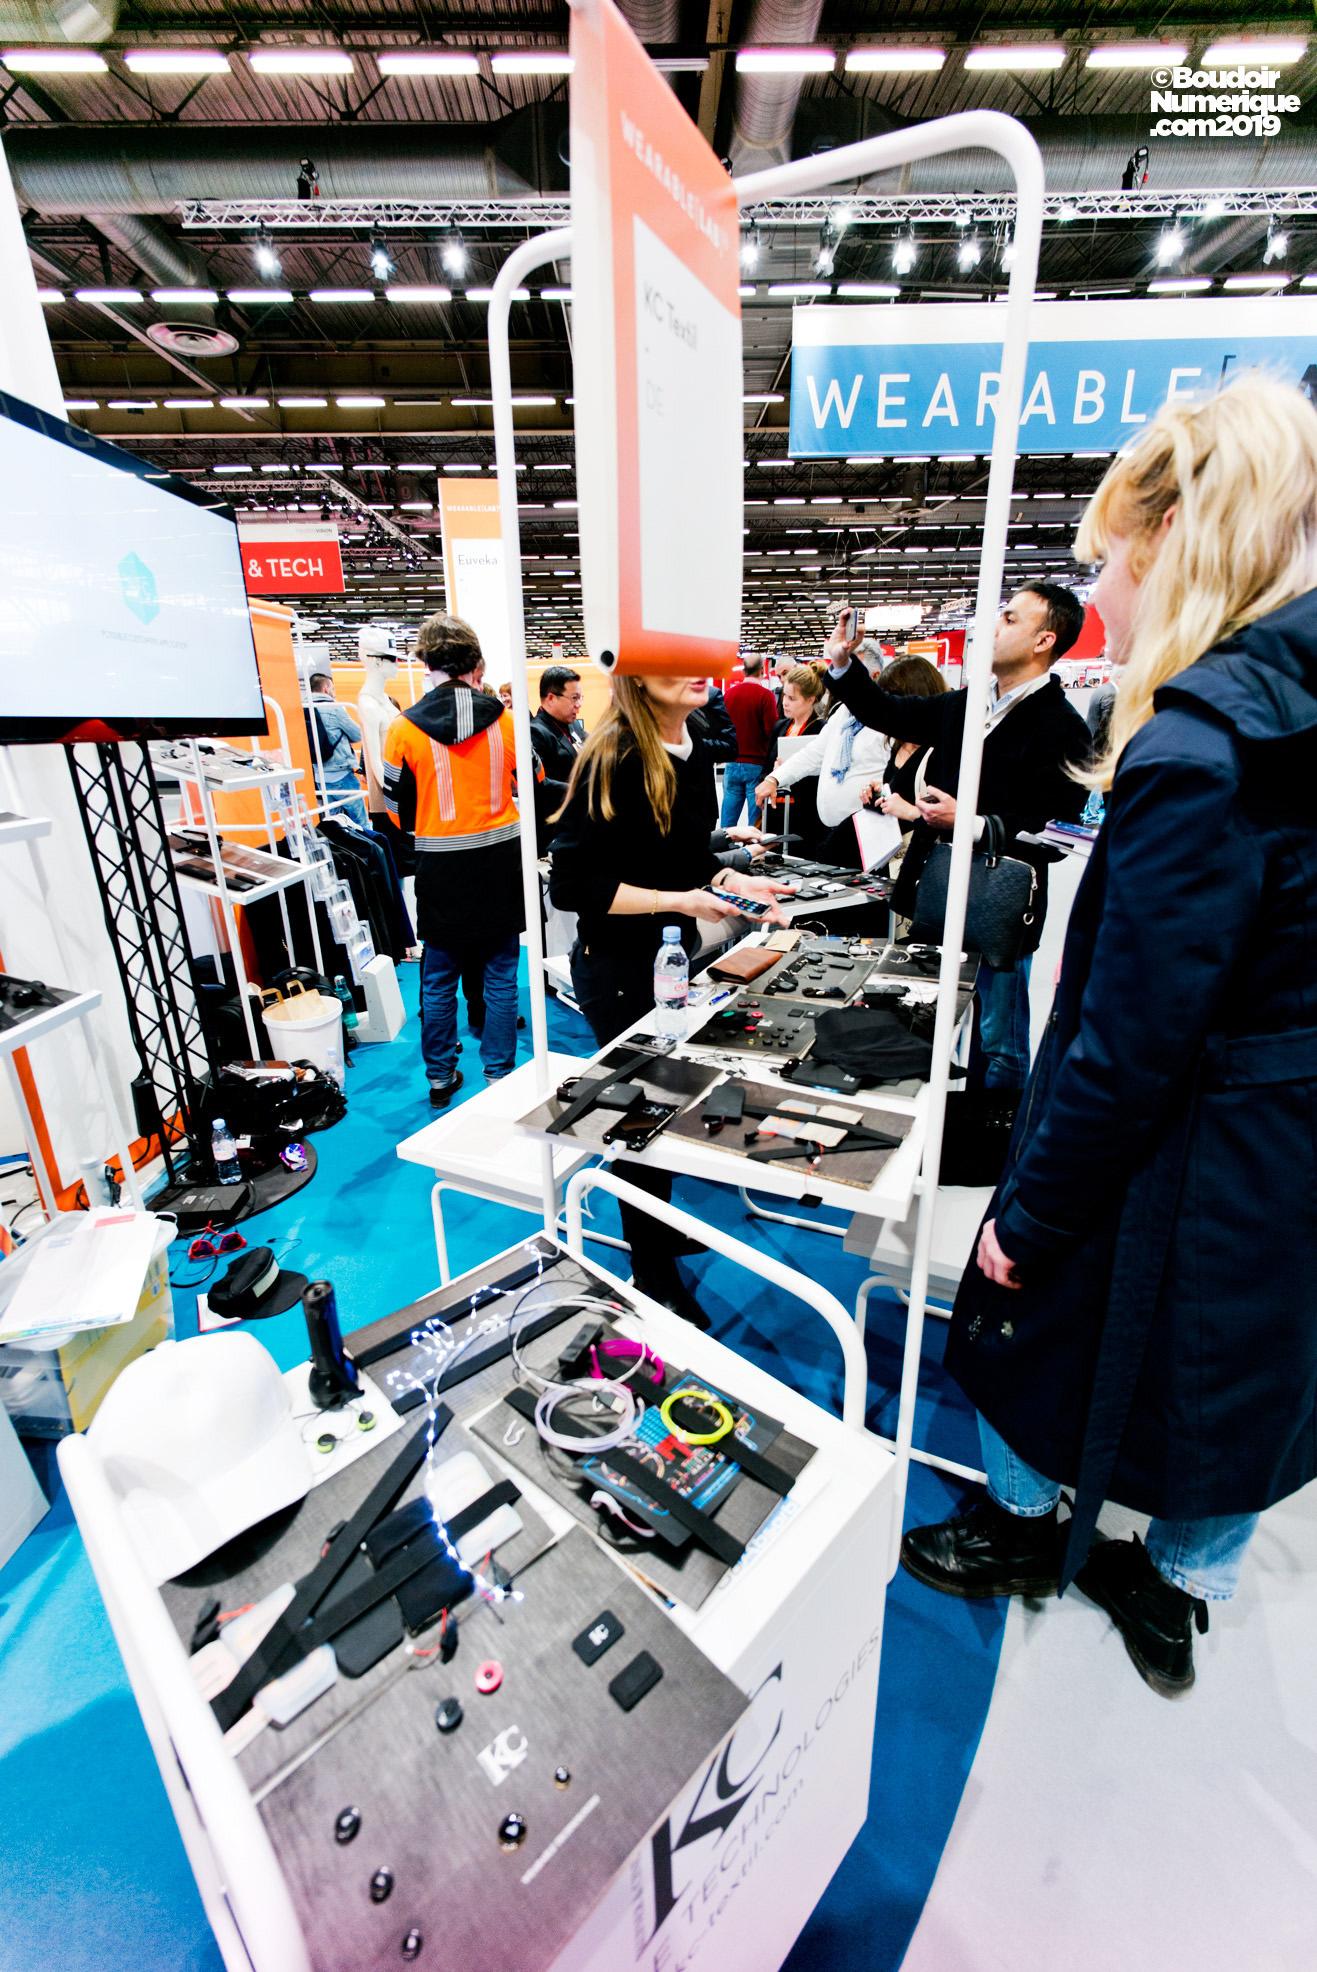 La société allemande KC Textil intègre, entre autres, aux poches des vêtements des capacités de chargement, de chauffage et de communication.